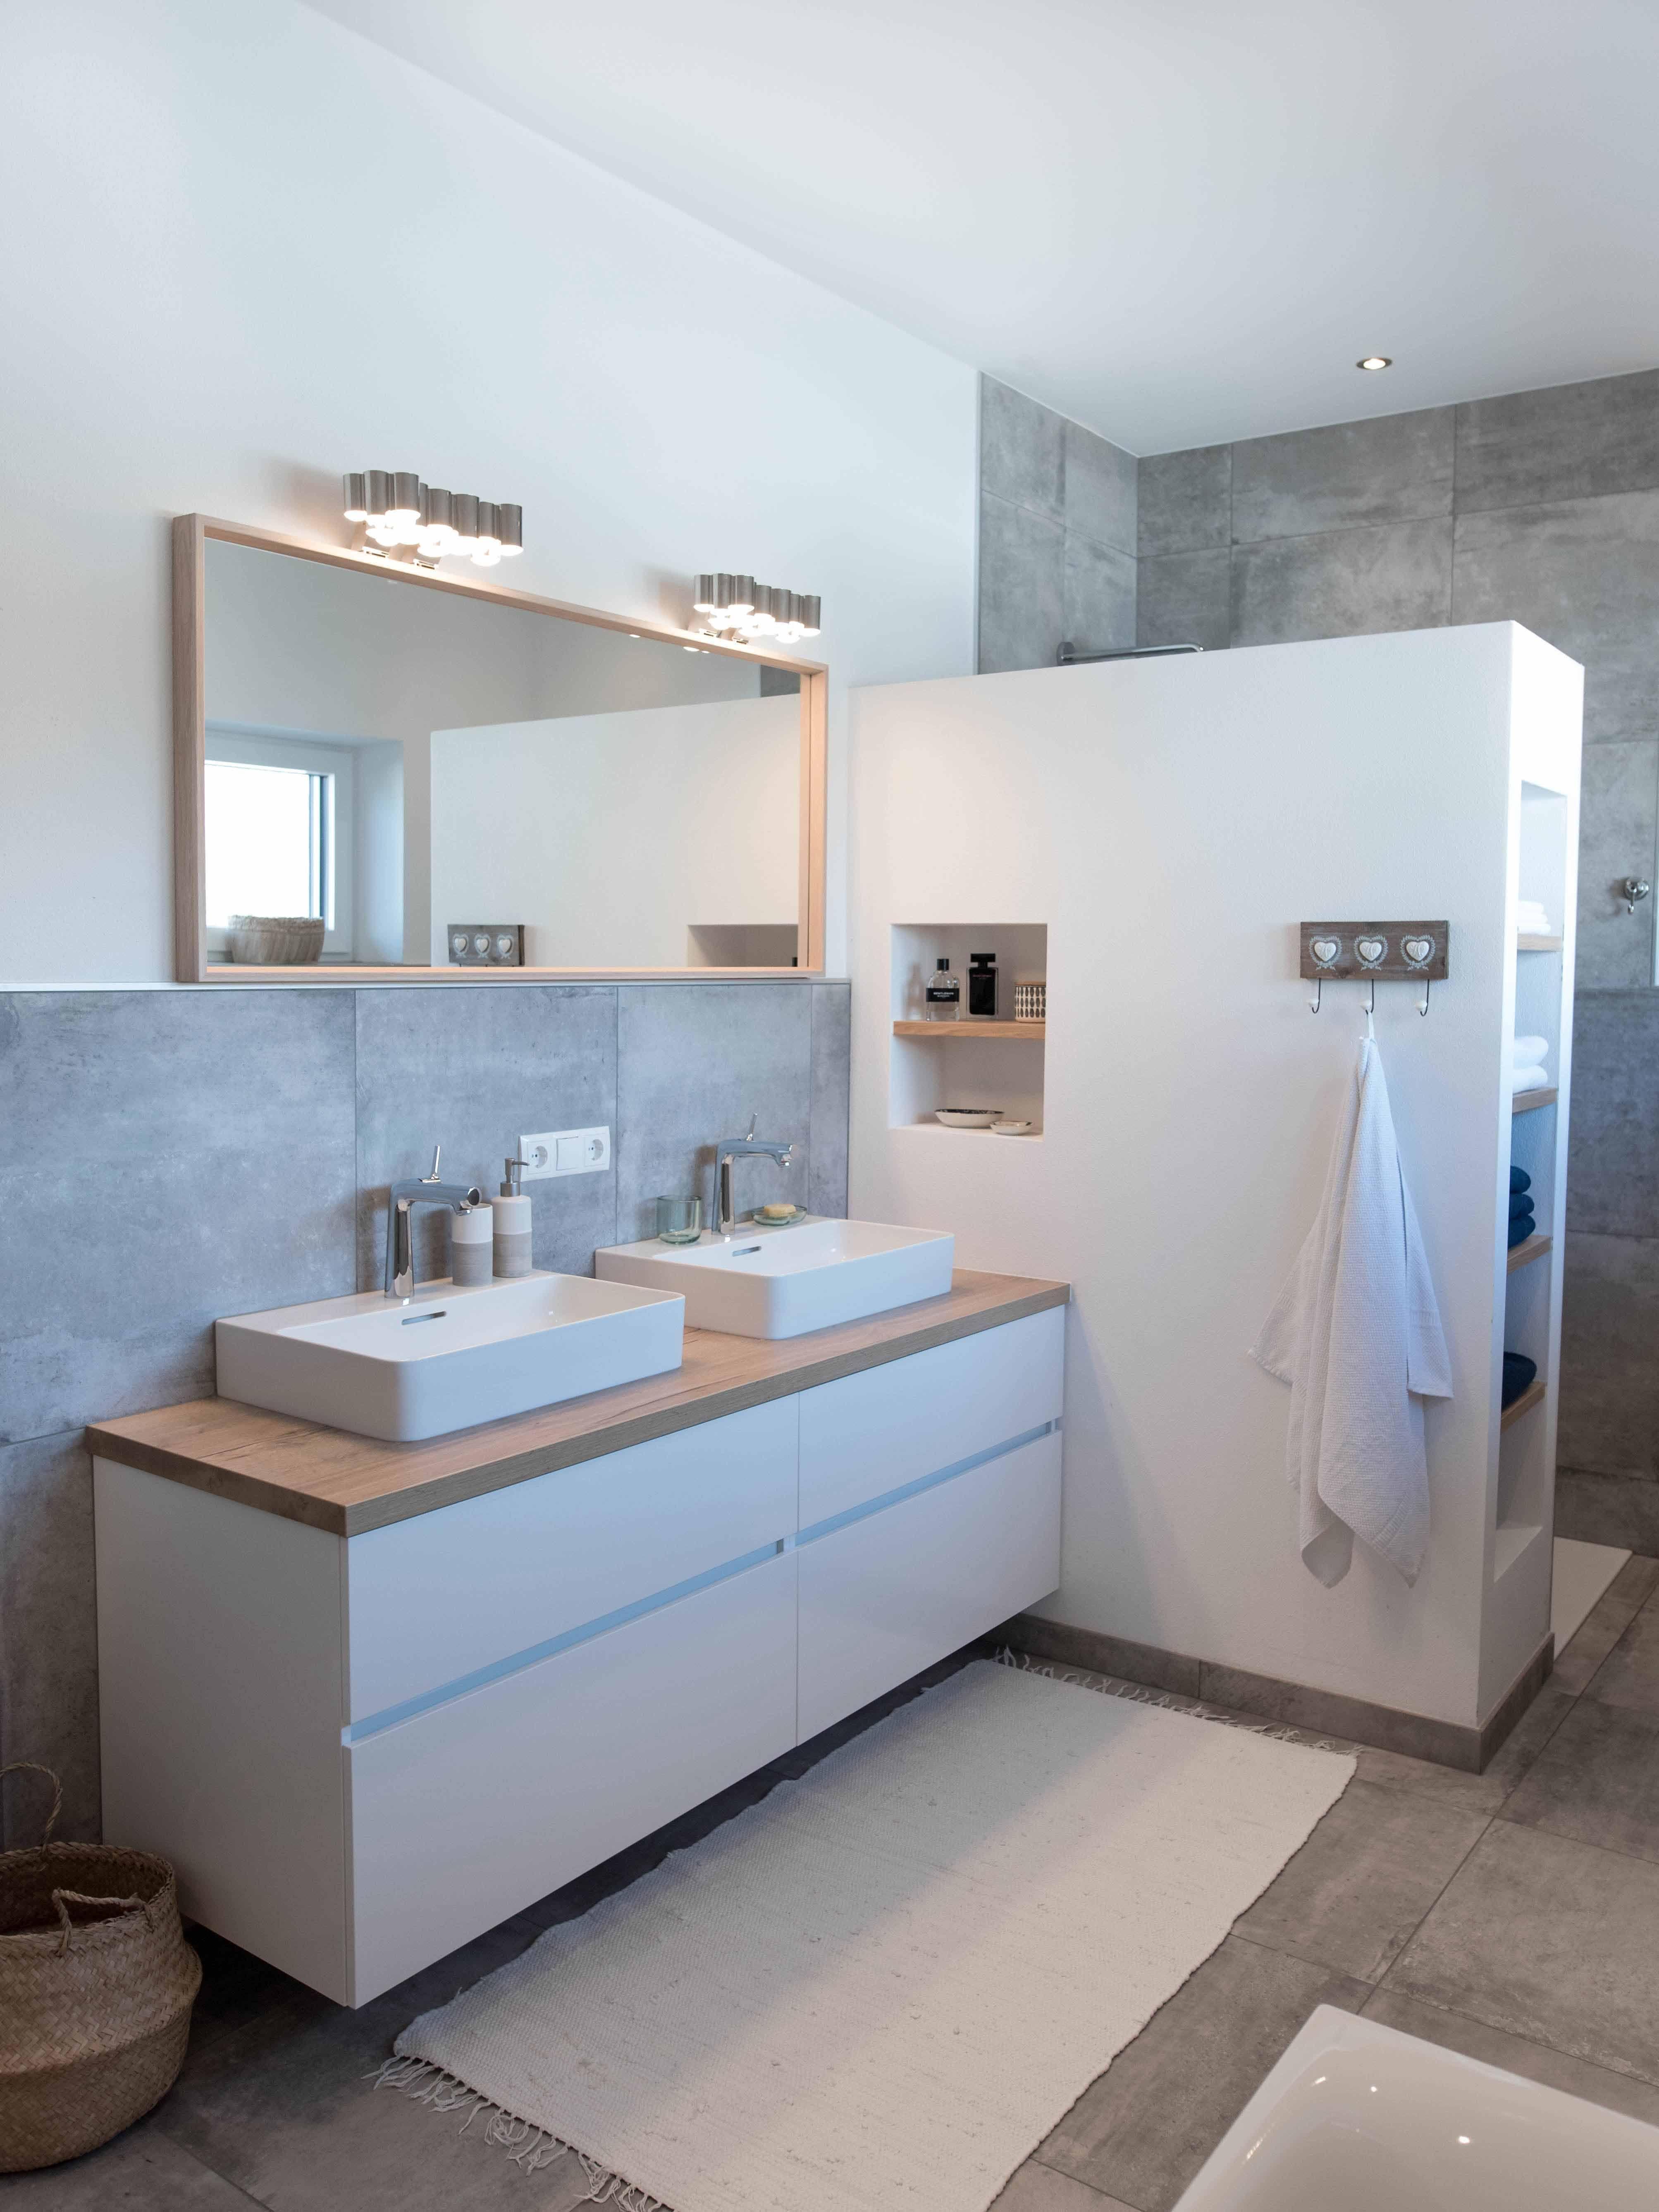 Inspirieren Lassen Auf Badezimmer Com Badezimmer Mit Dusche Badezimmer Umbau Badezimmer